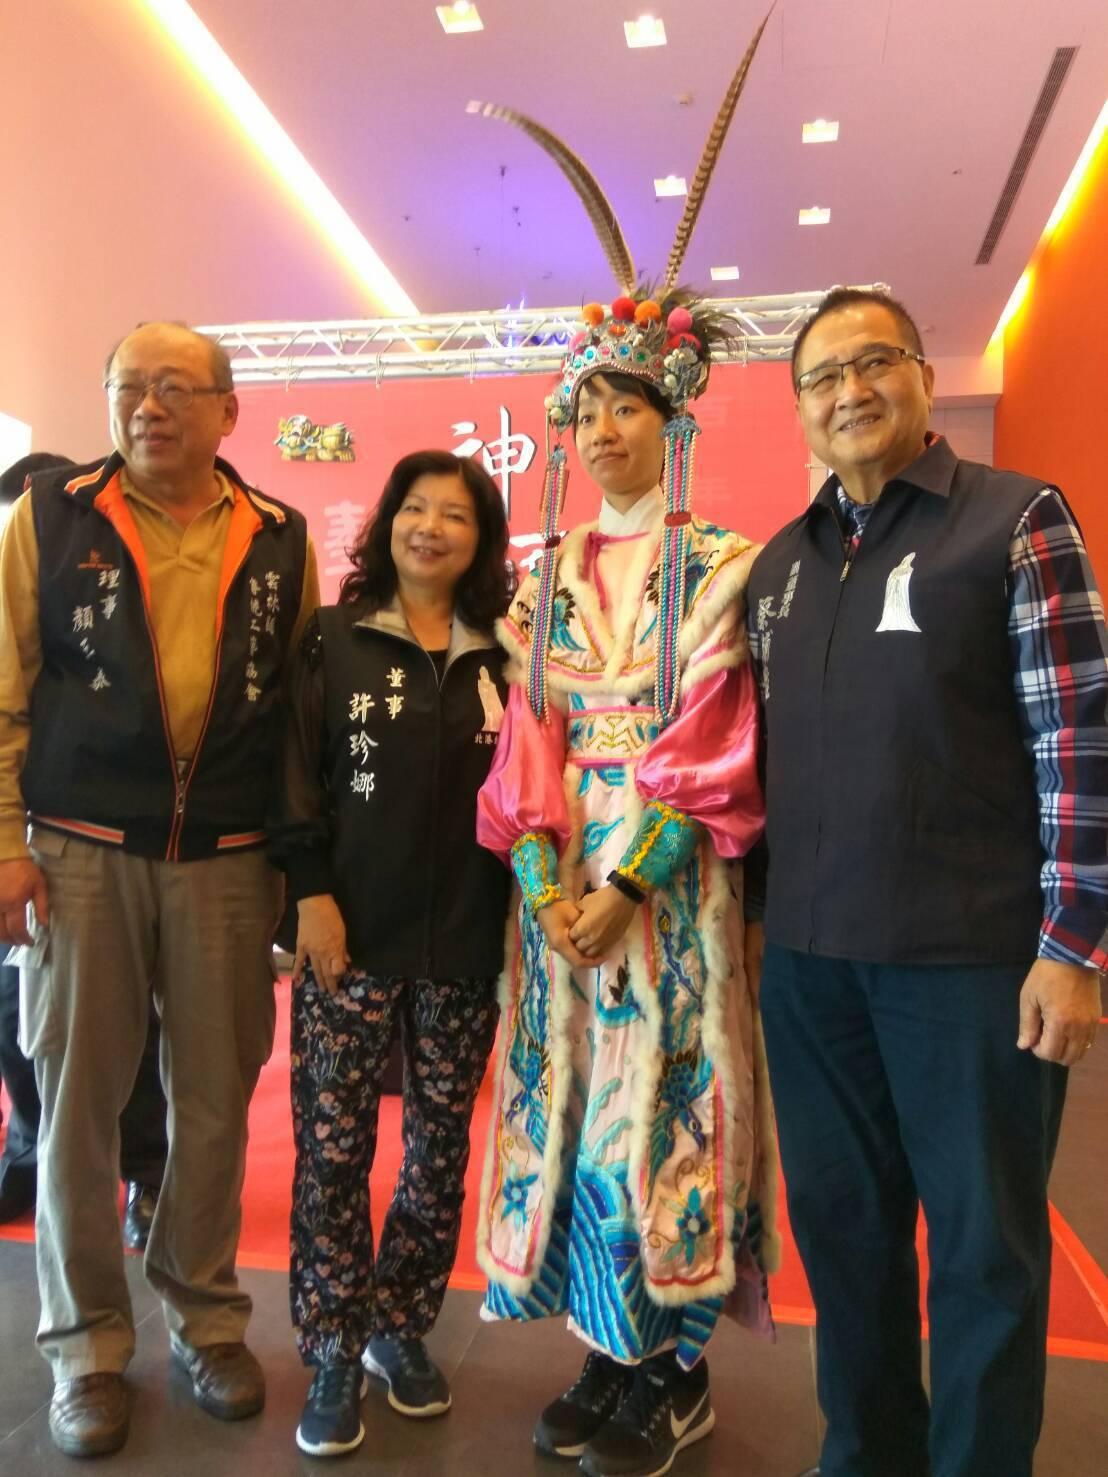 北港朝天宮首度將台灣僅有的百年藝閣,登上文化中心舞台,讓更多人了解藝閣工藝的巧妙...